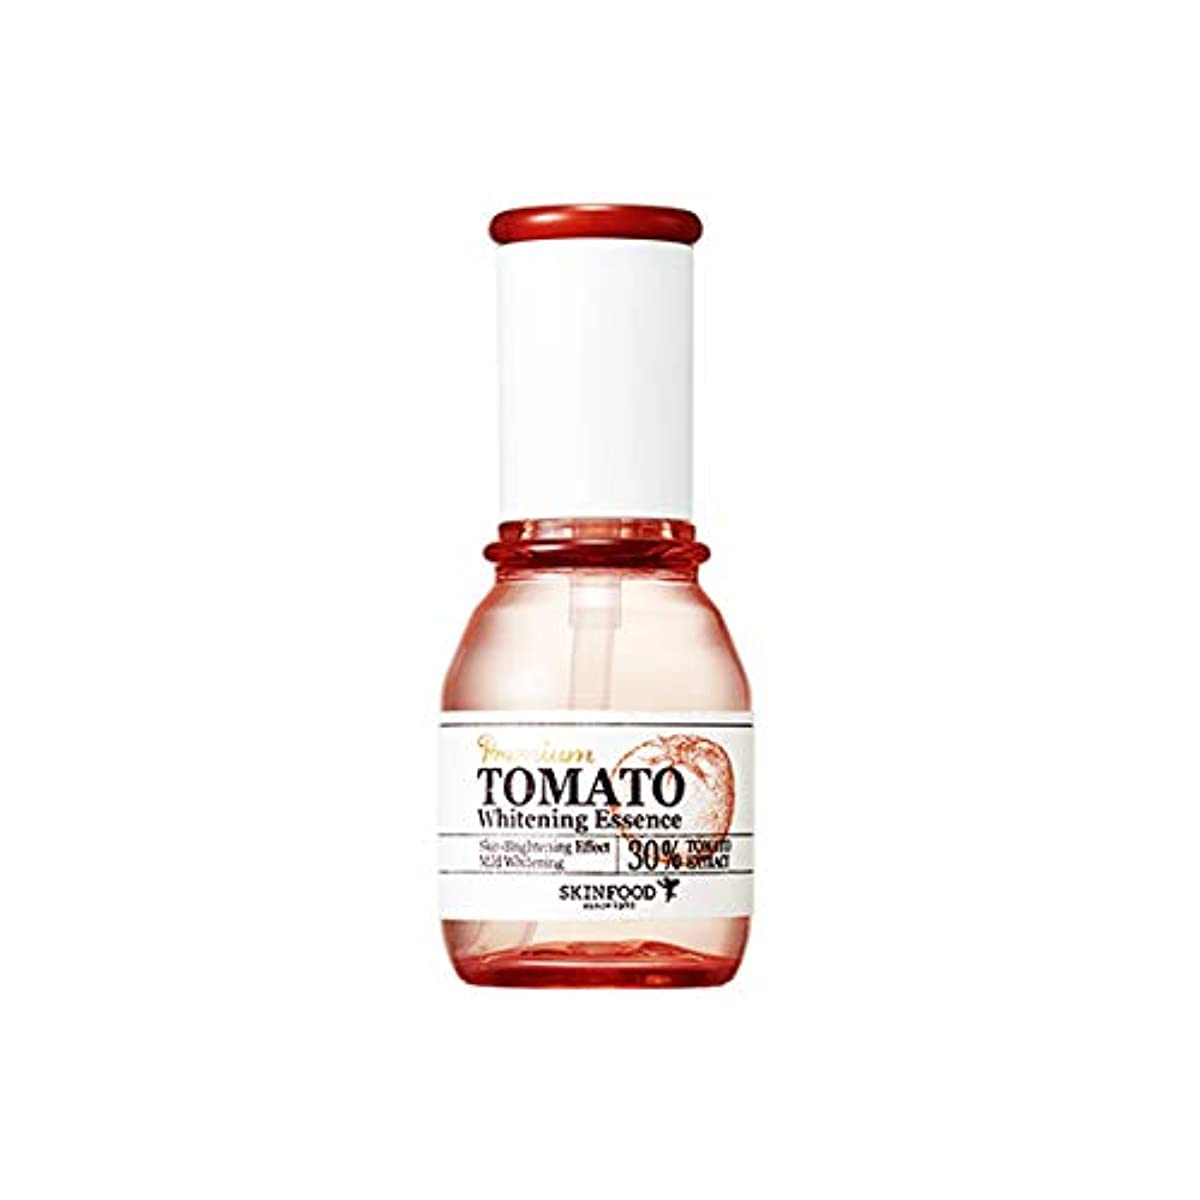 信頼泥棒専門用語Skinfood プレミアムトマトホワイトニングエッセンス(美白効果) / Premium Tomato Whitening Essence (Skin-Brightening Effect)50ml [並行輸入品]